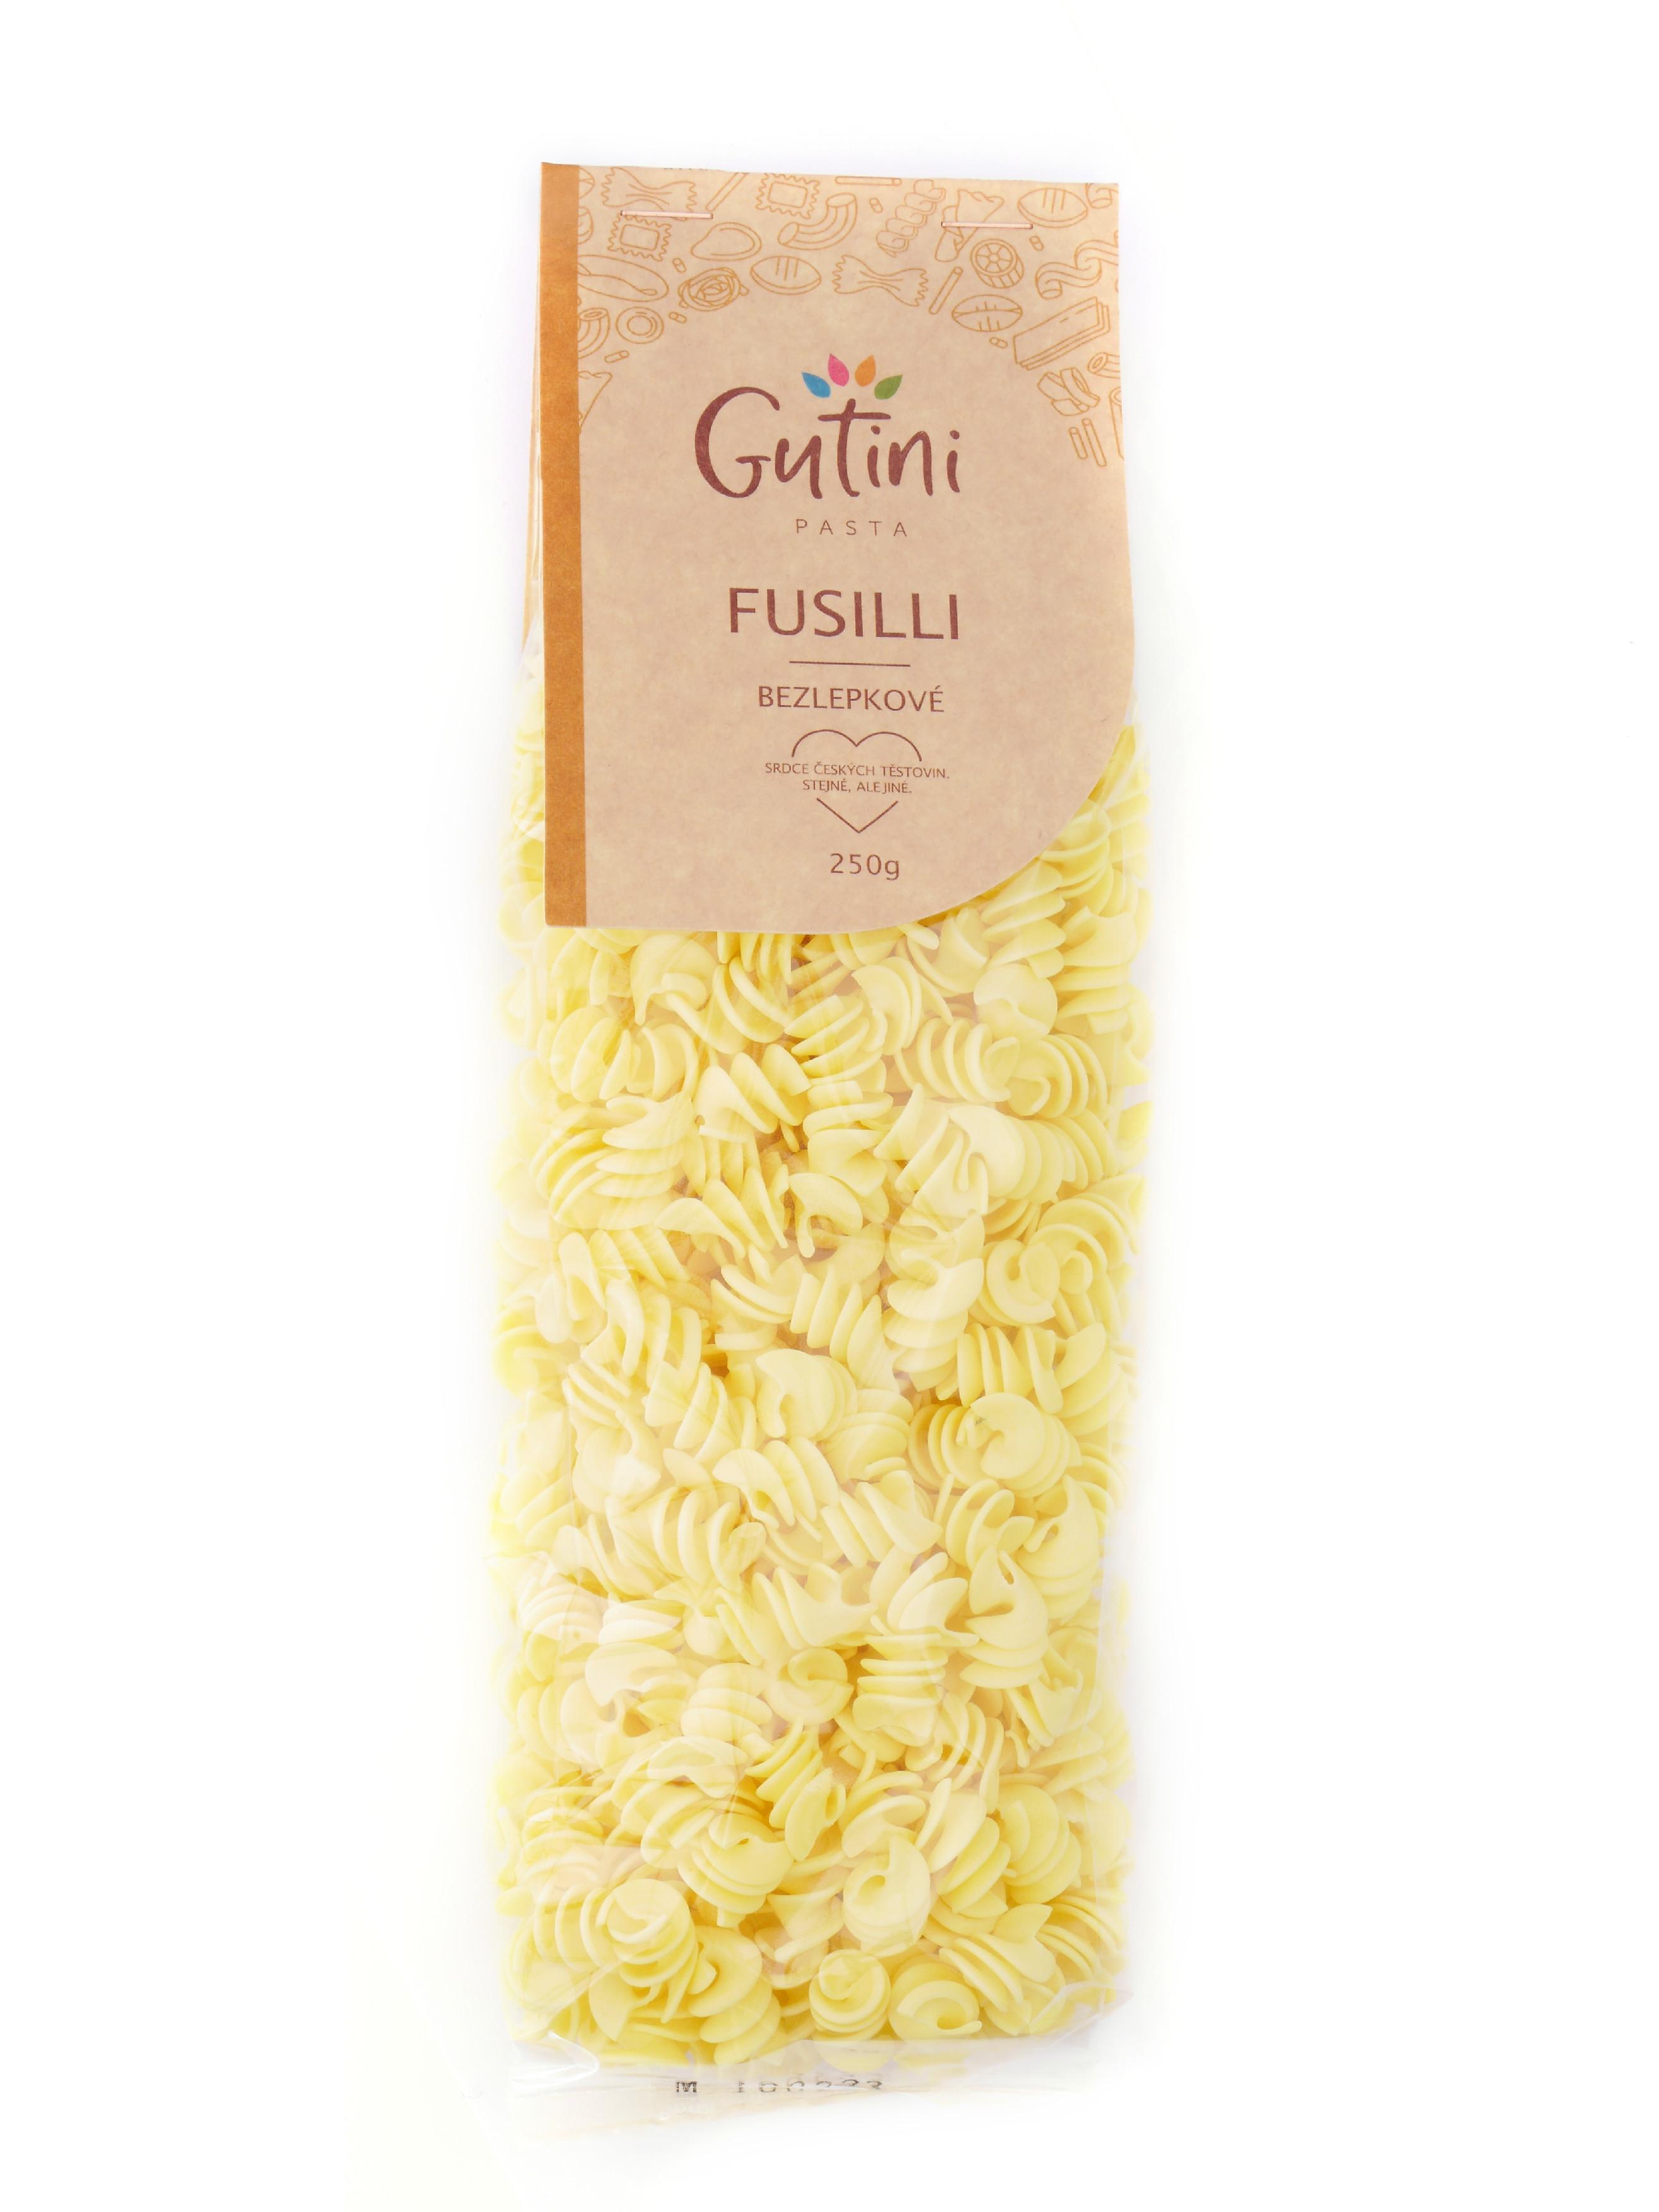 Gutini - Fusilli bezlepkové, bez kukuřičné mouky, 250 g